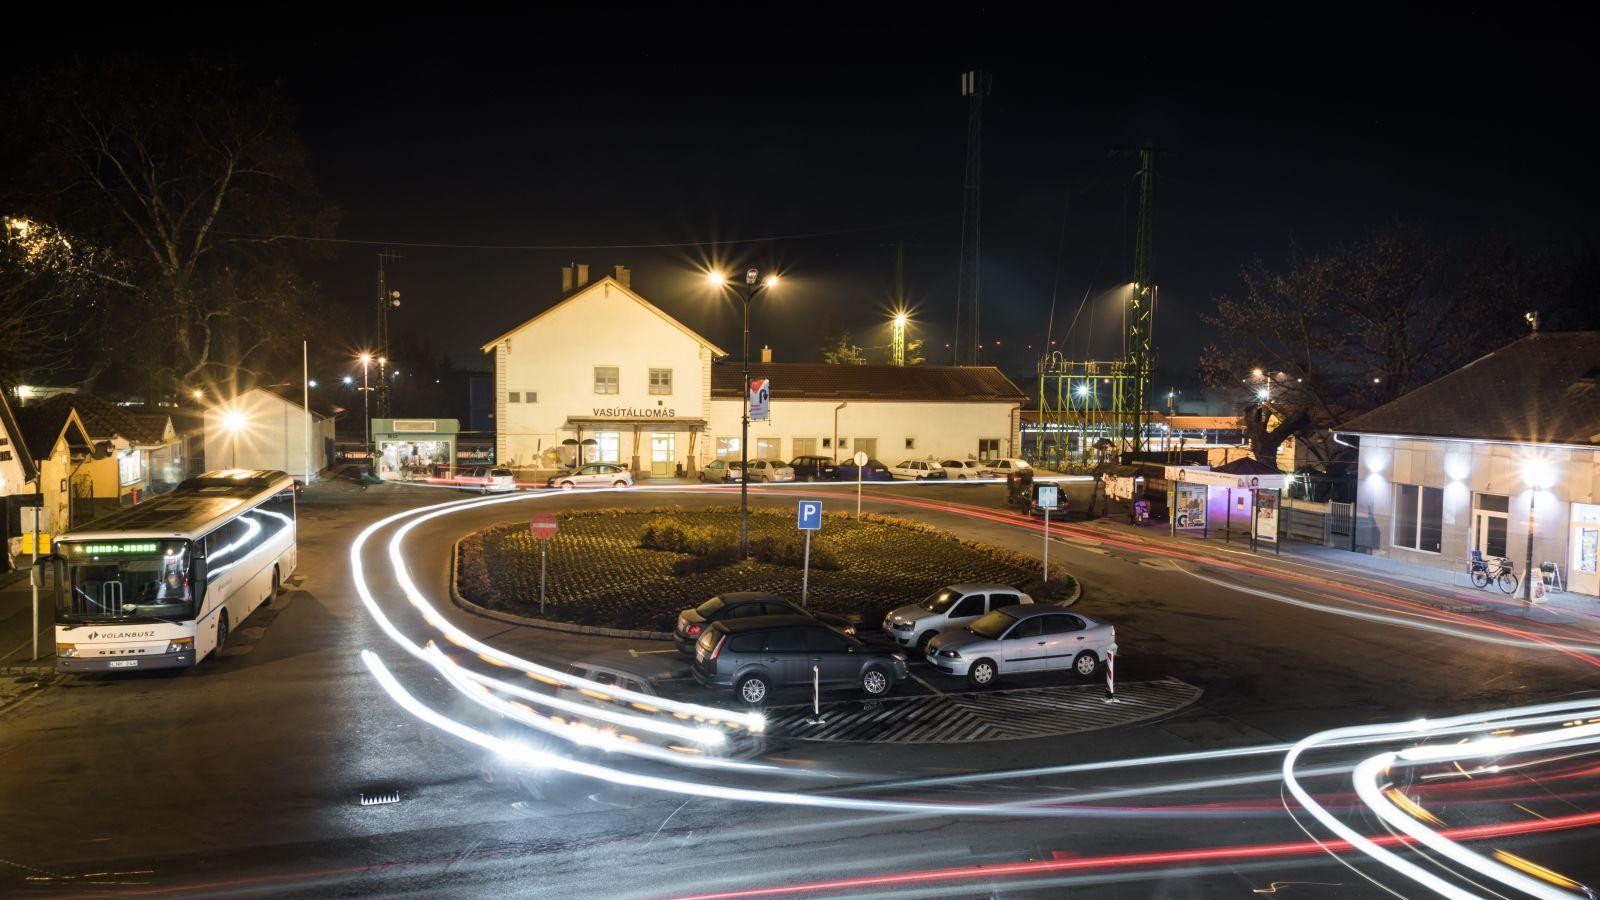 Hamarosan átveszi a város a vasútállomás üzemeltetését